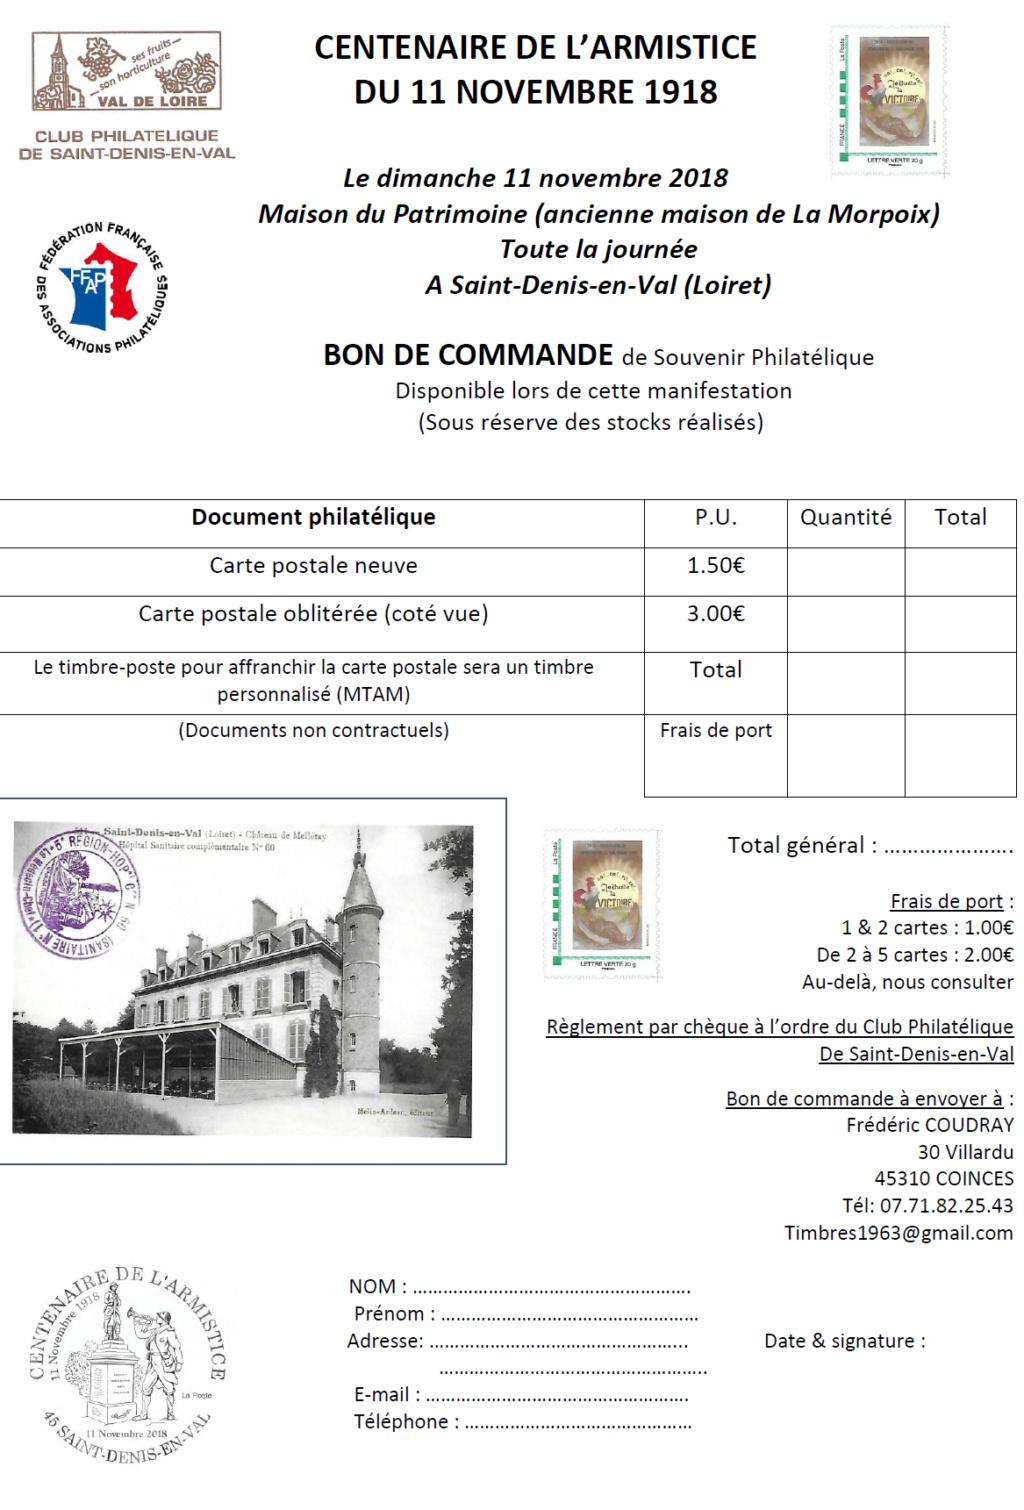 45 - Saint-Denis-en-Val - Club Philatélique   4510